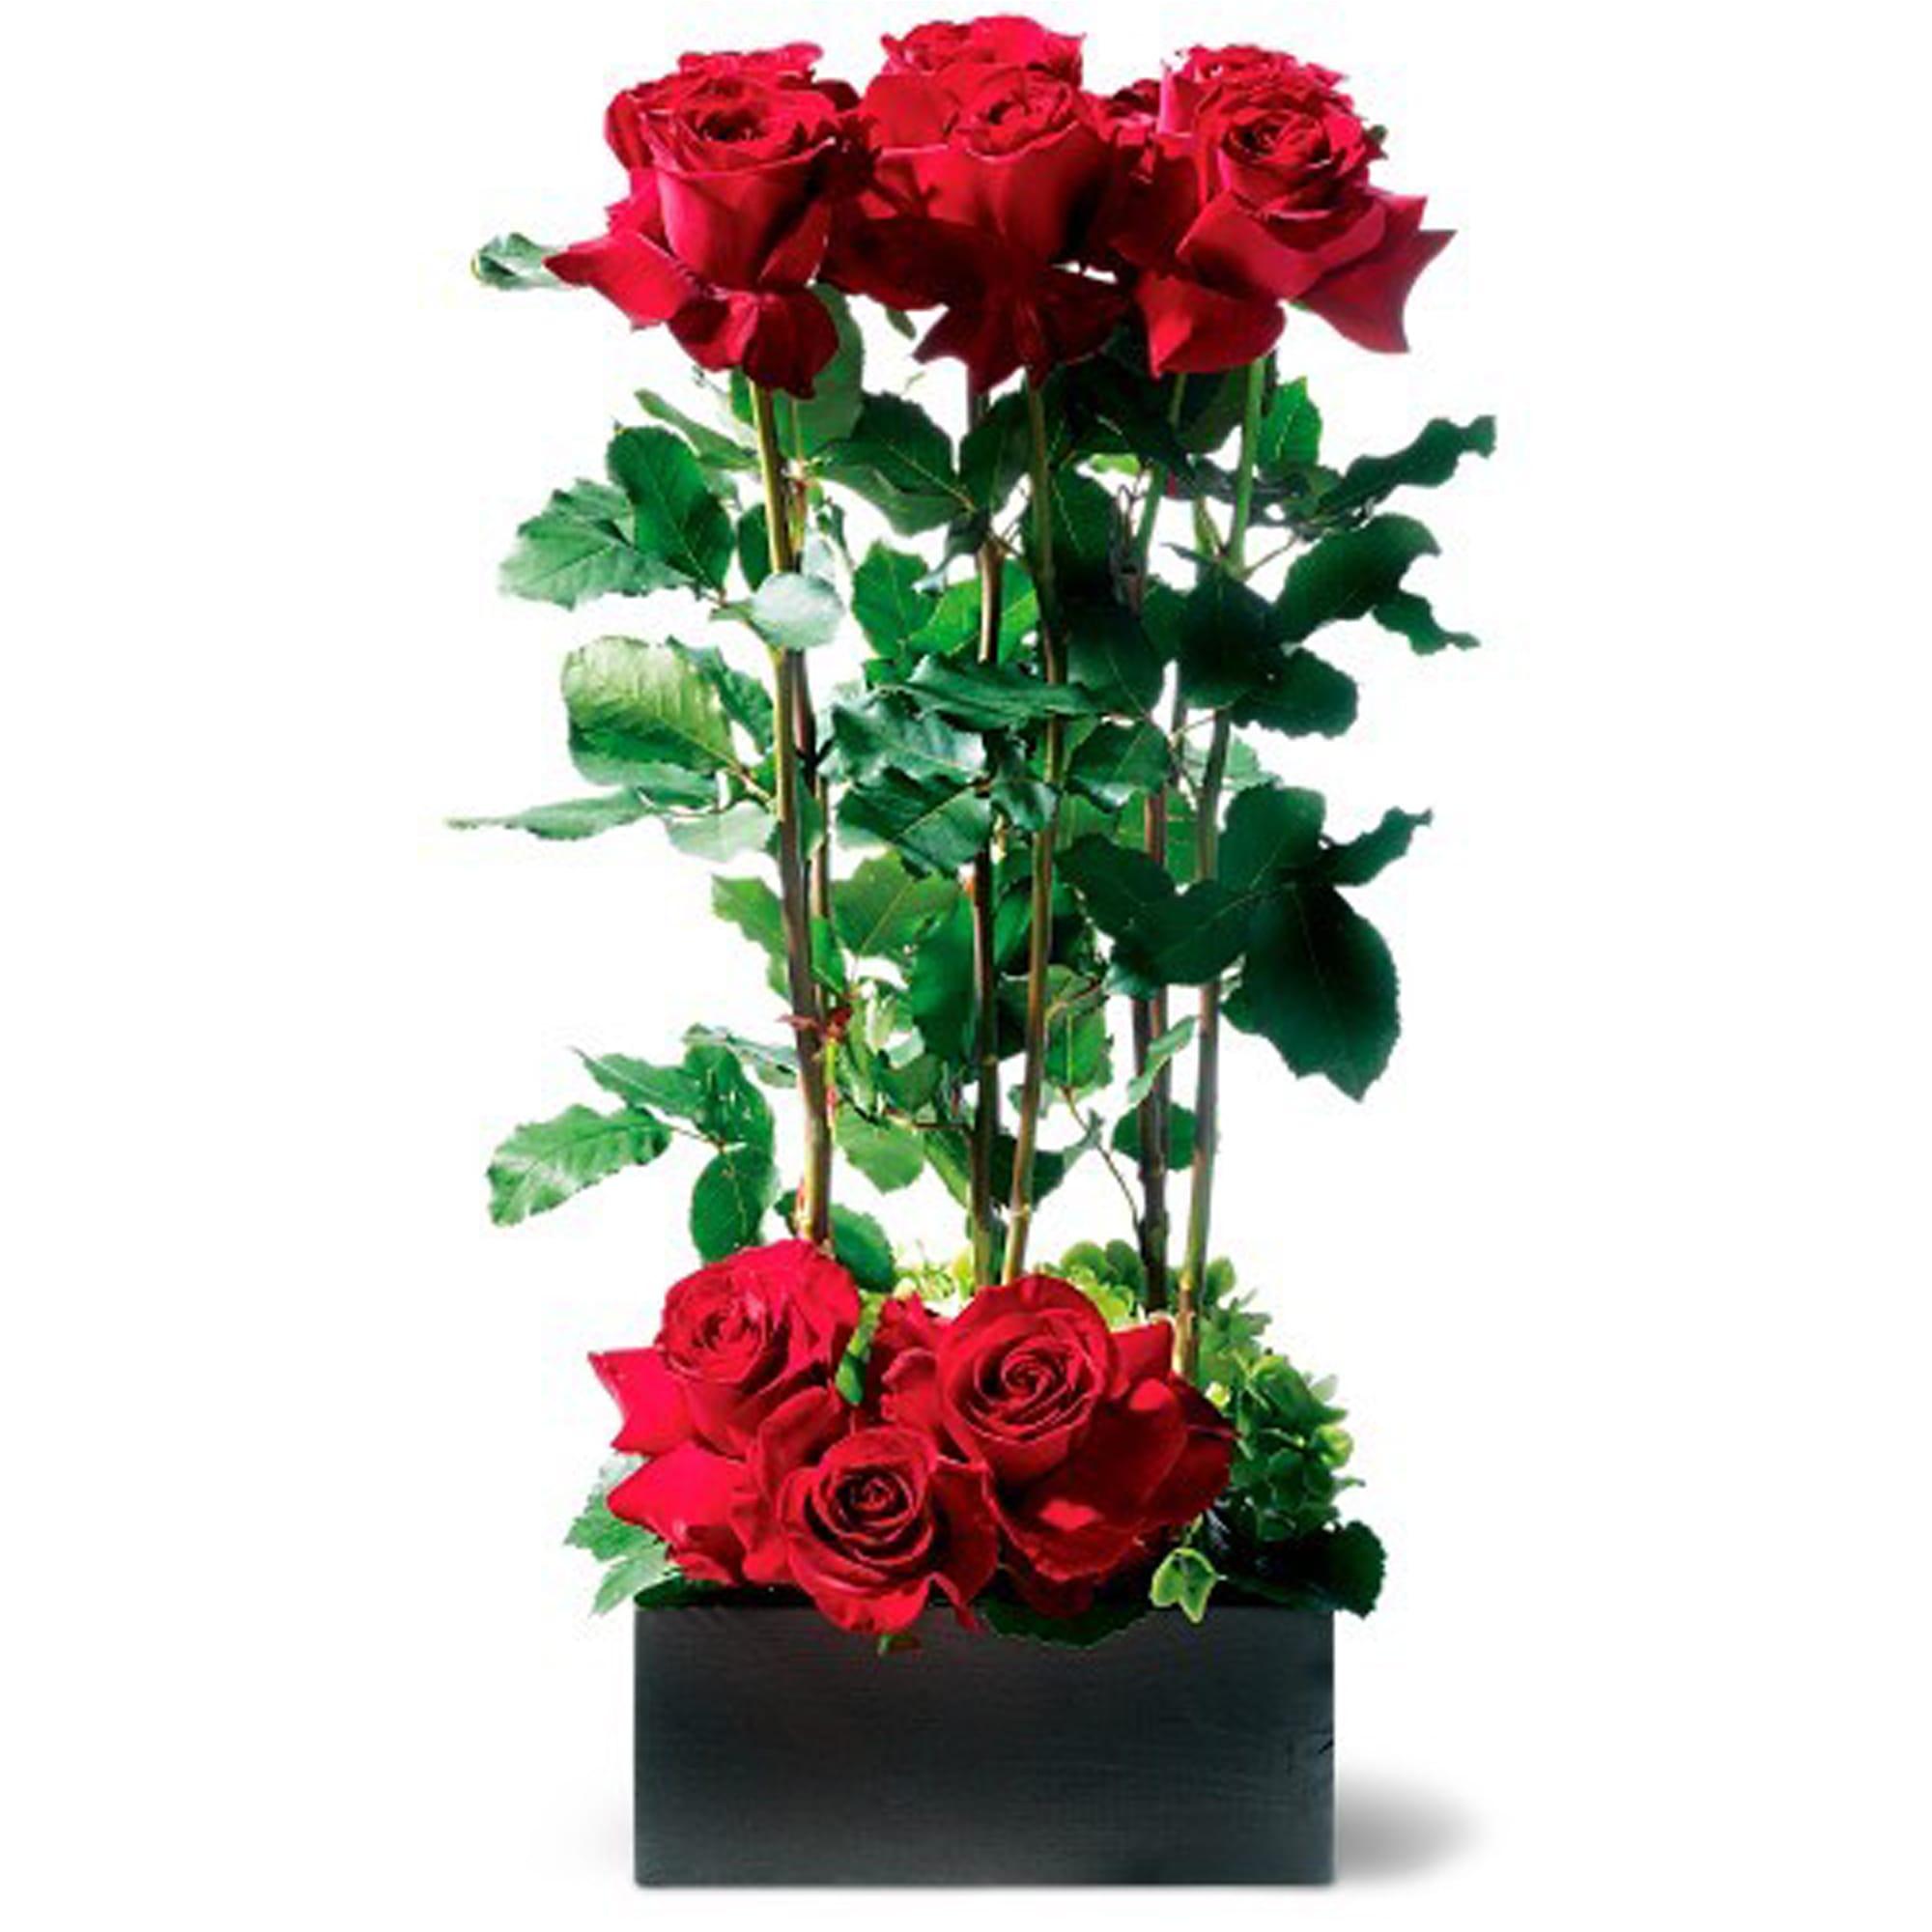 Flower Arrangements El Paso: Scarlet Splendor Roses In El Paso, TX